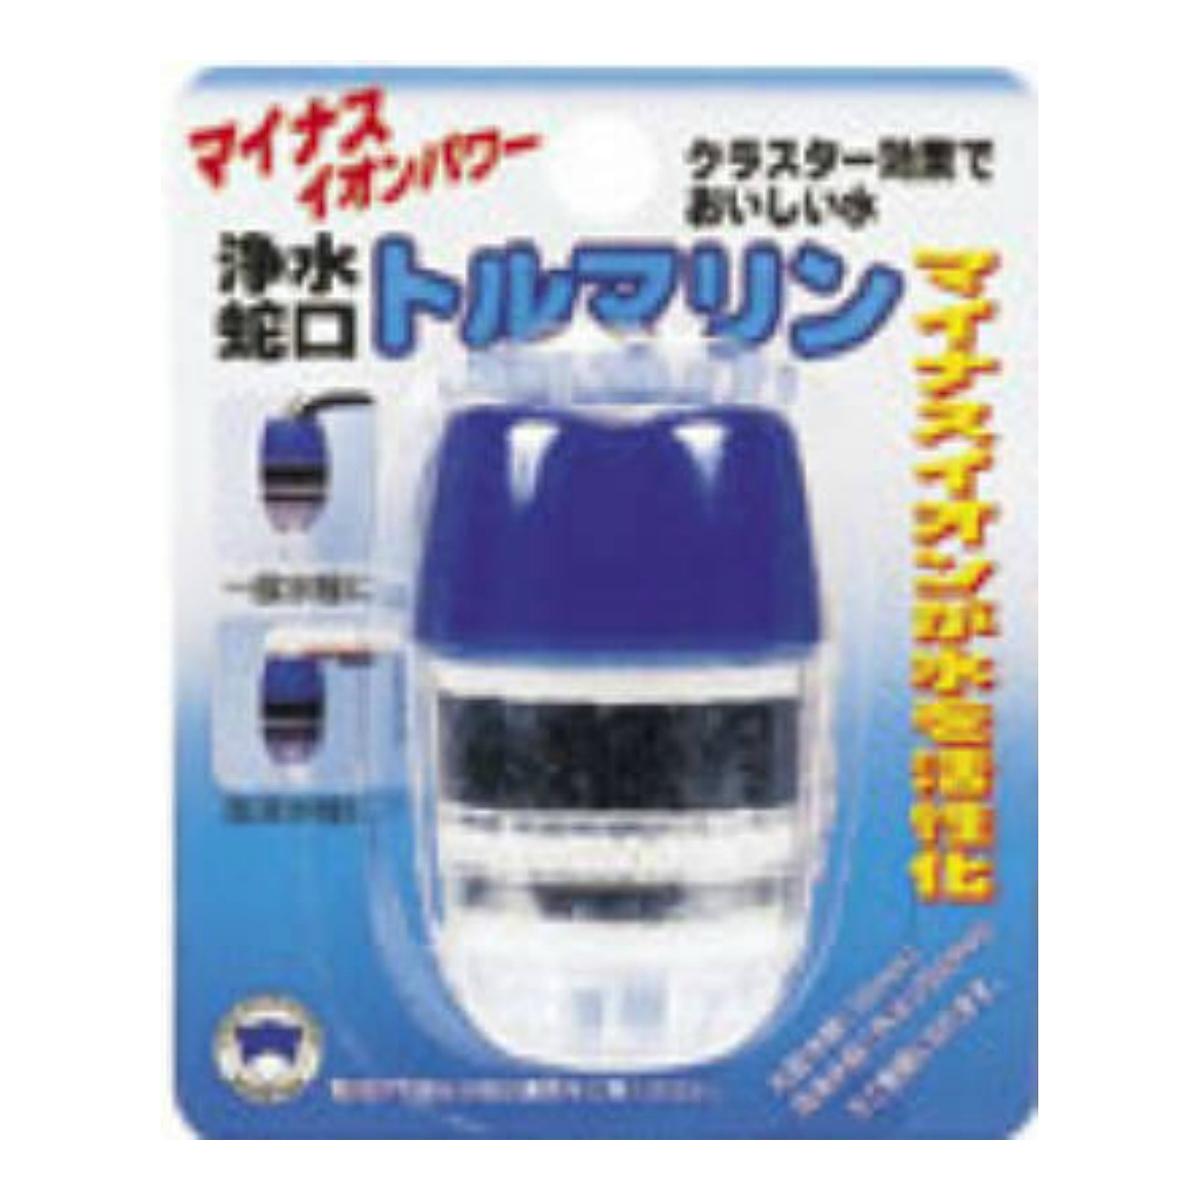 본 스타 판매 정수기 꼭지 전기 석 (정수기 꼭지 직결 형 본체) × 5 점 세트 (4902493202267)